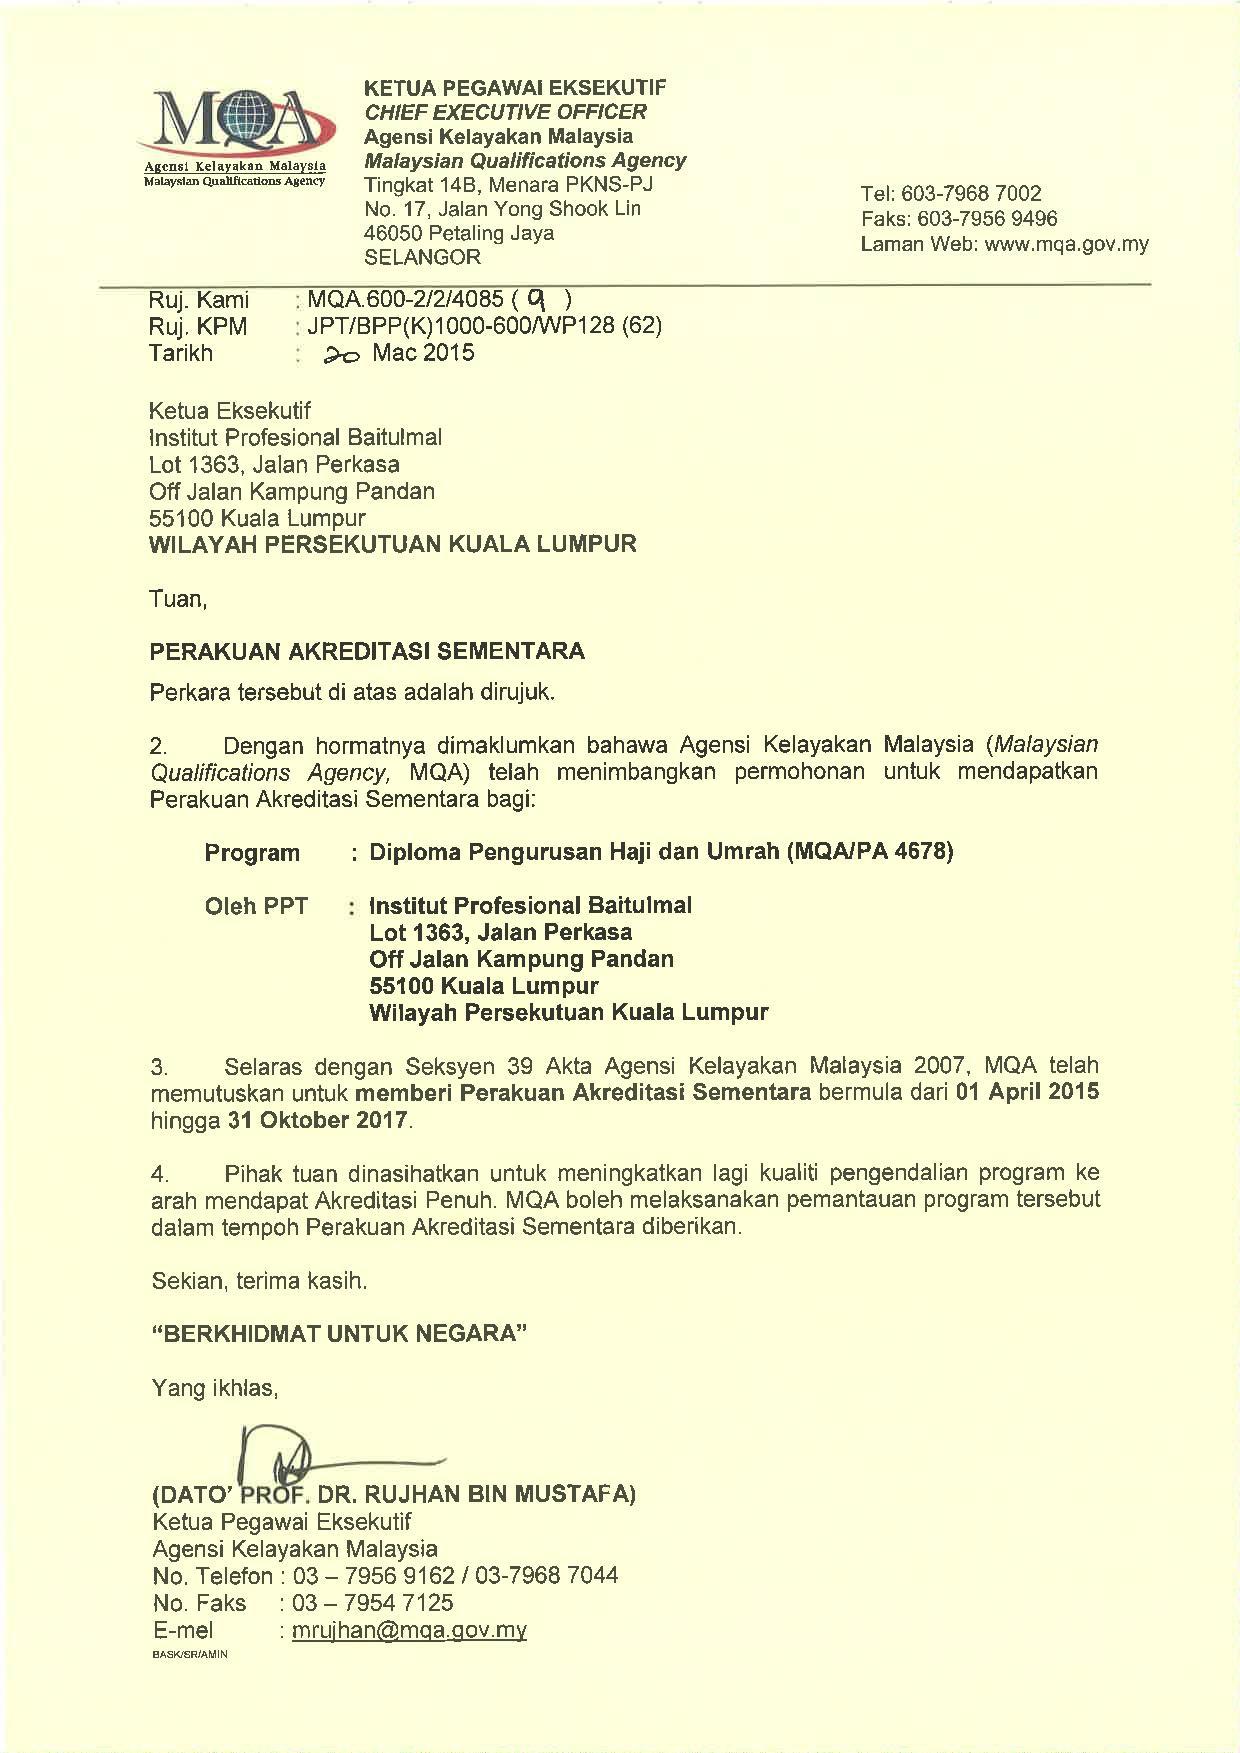 Kolej Profesional Baitumal Kuala Lumpur Perakuan Akreditasi